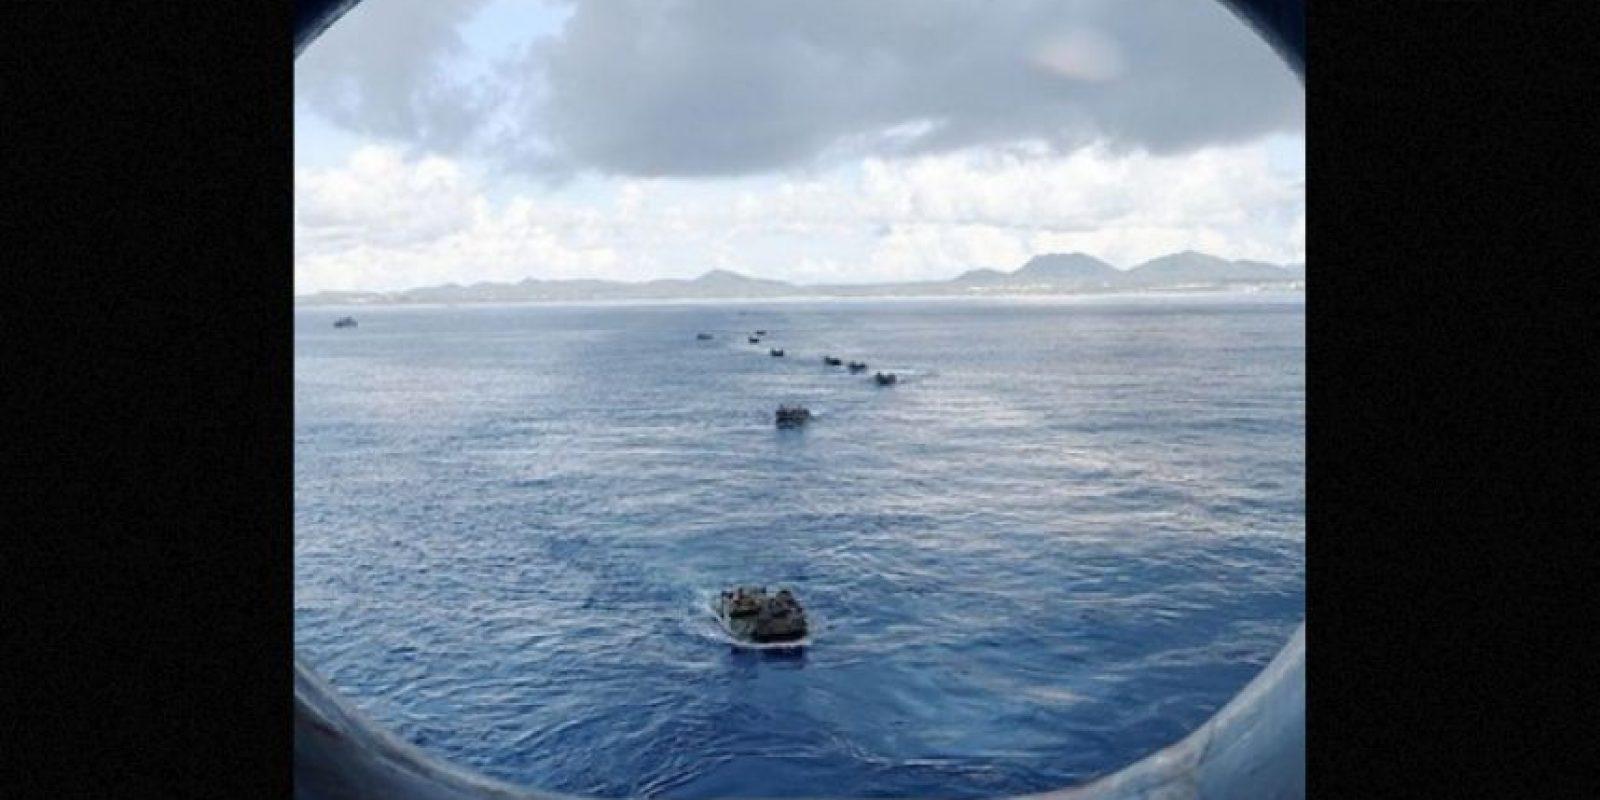 """""""El sistema de armas láser aporta nuevas capacidades significativas a los marinos e infantes de Marina de Estados Unidos"""", se lee en el comunicado oficial Foto:Instagram.com/USNavy"""